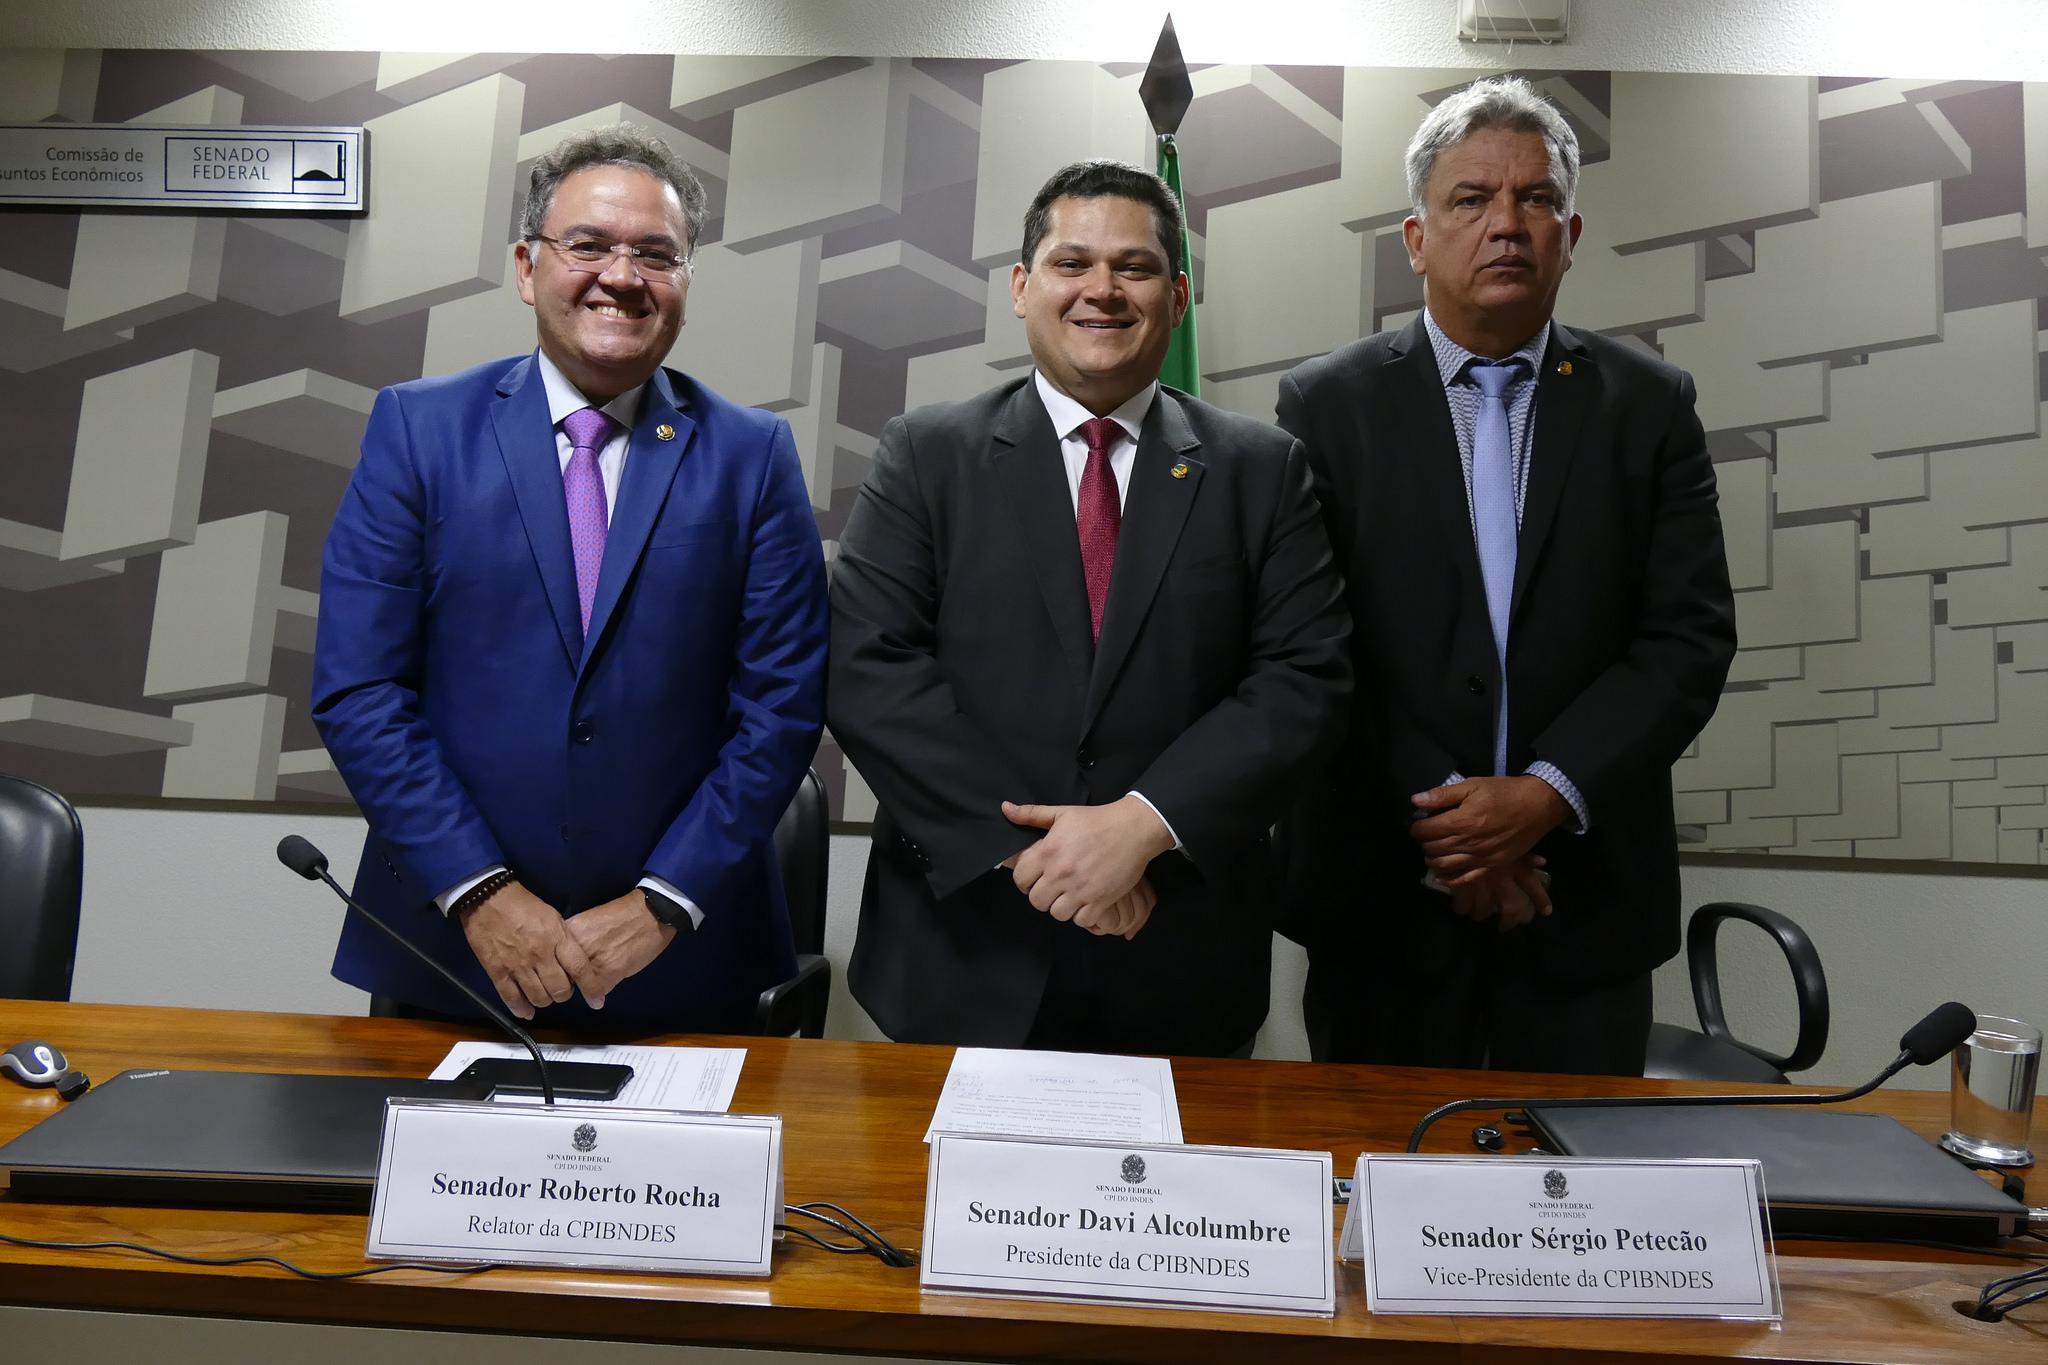 Roque de Sá_Agência Senado